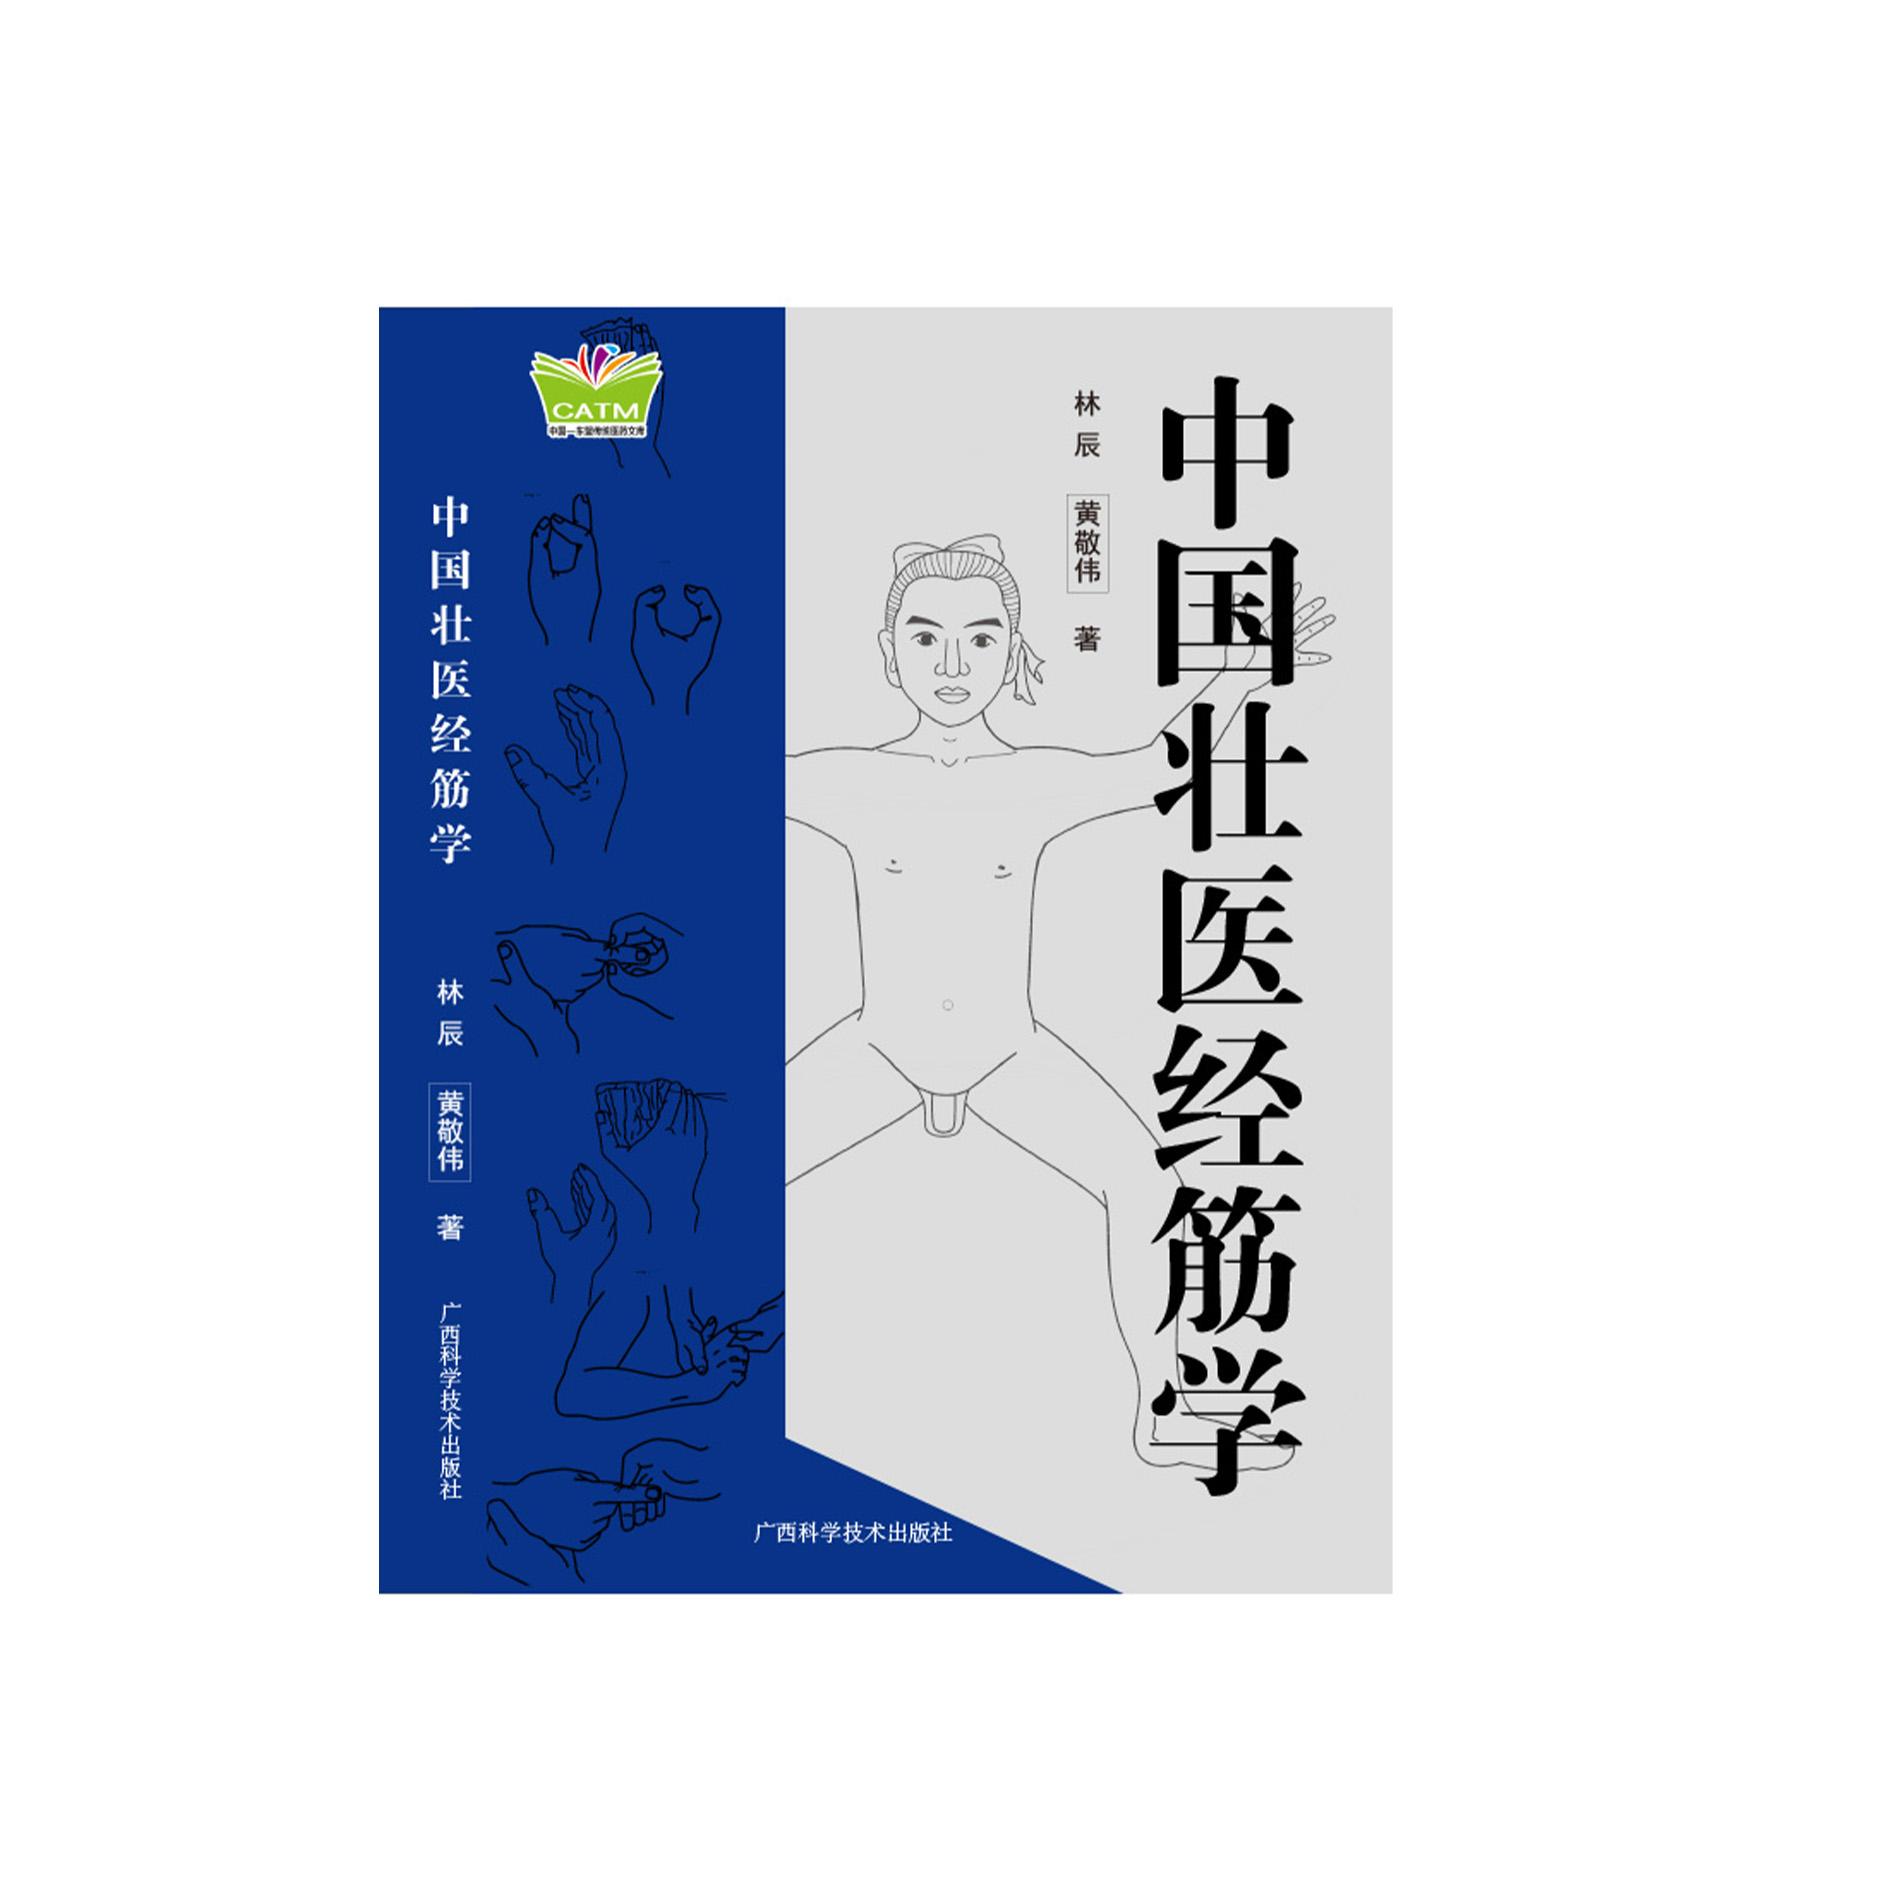 တရုတ္တုိင္းရင္းသားျဖစ္ေသာ ကြၽိဳင့္လူမ်ဳိးတုိ႔၏ အေၾကာႏွင့္ရုိးဆစ္ရြက္ပညာ